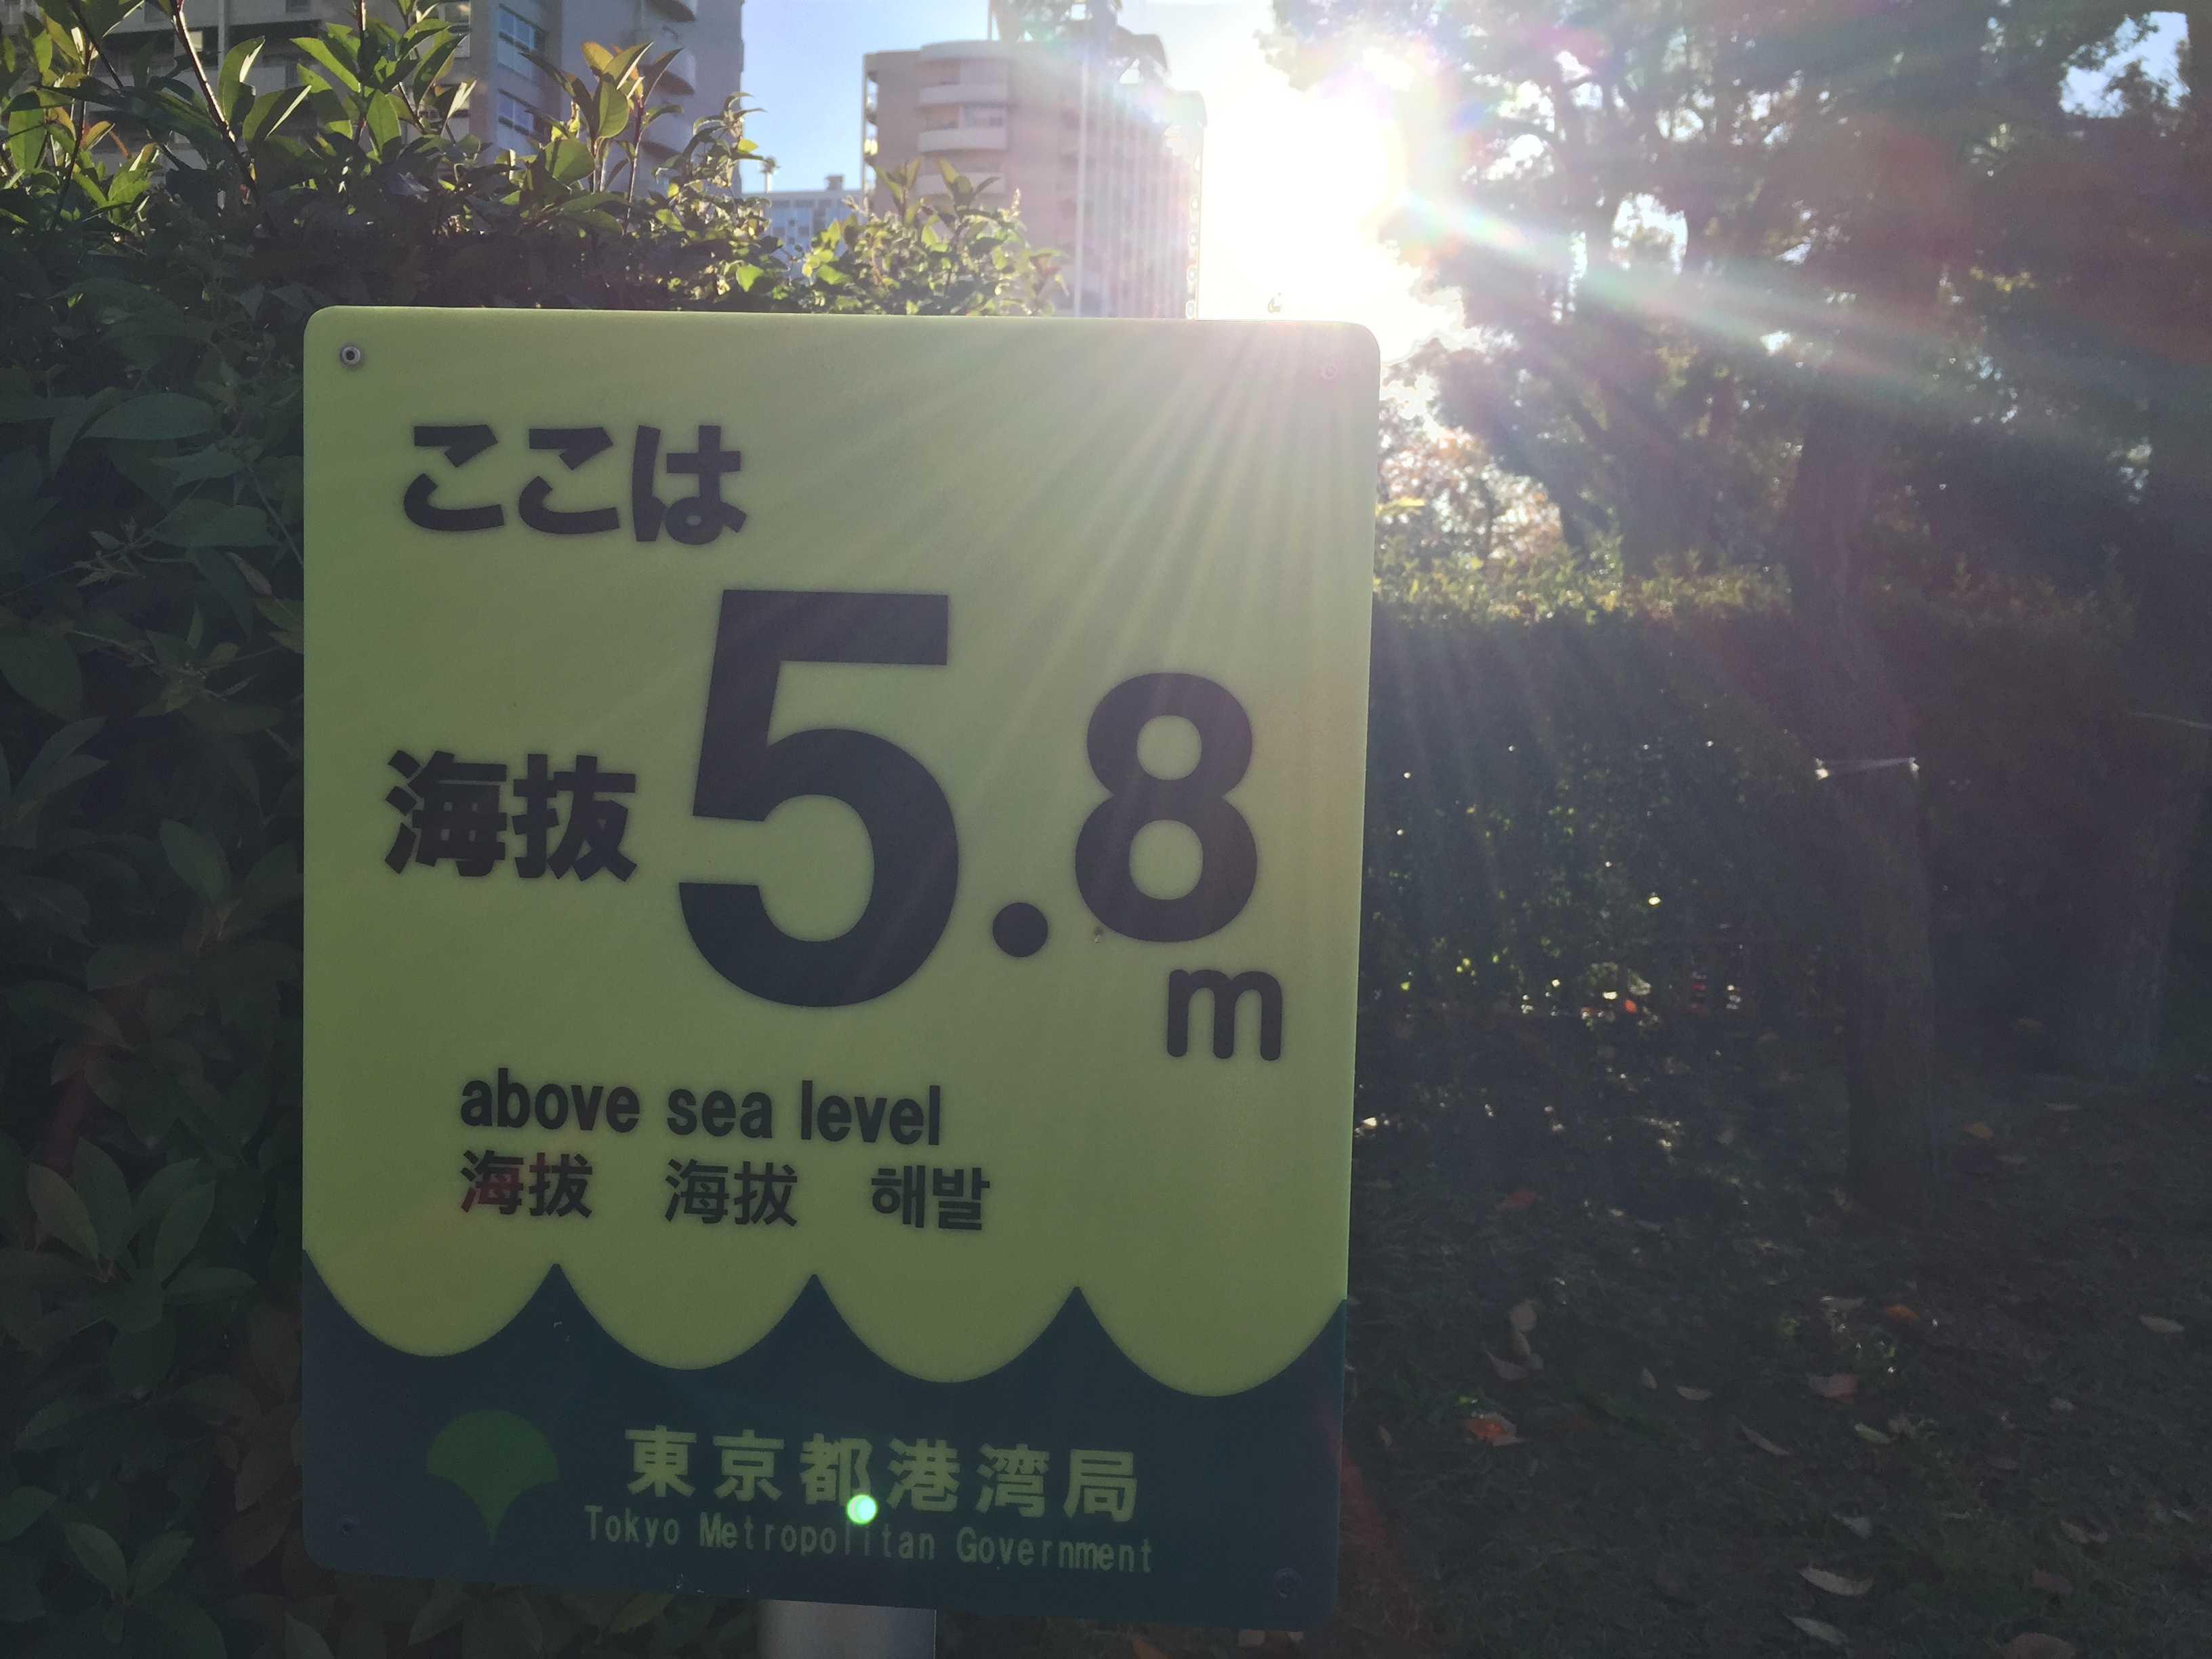 お台場海浜公園 - ここは海抜 5.8m(東京都港湾局)